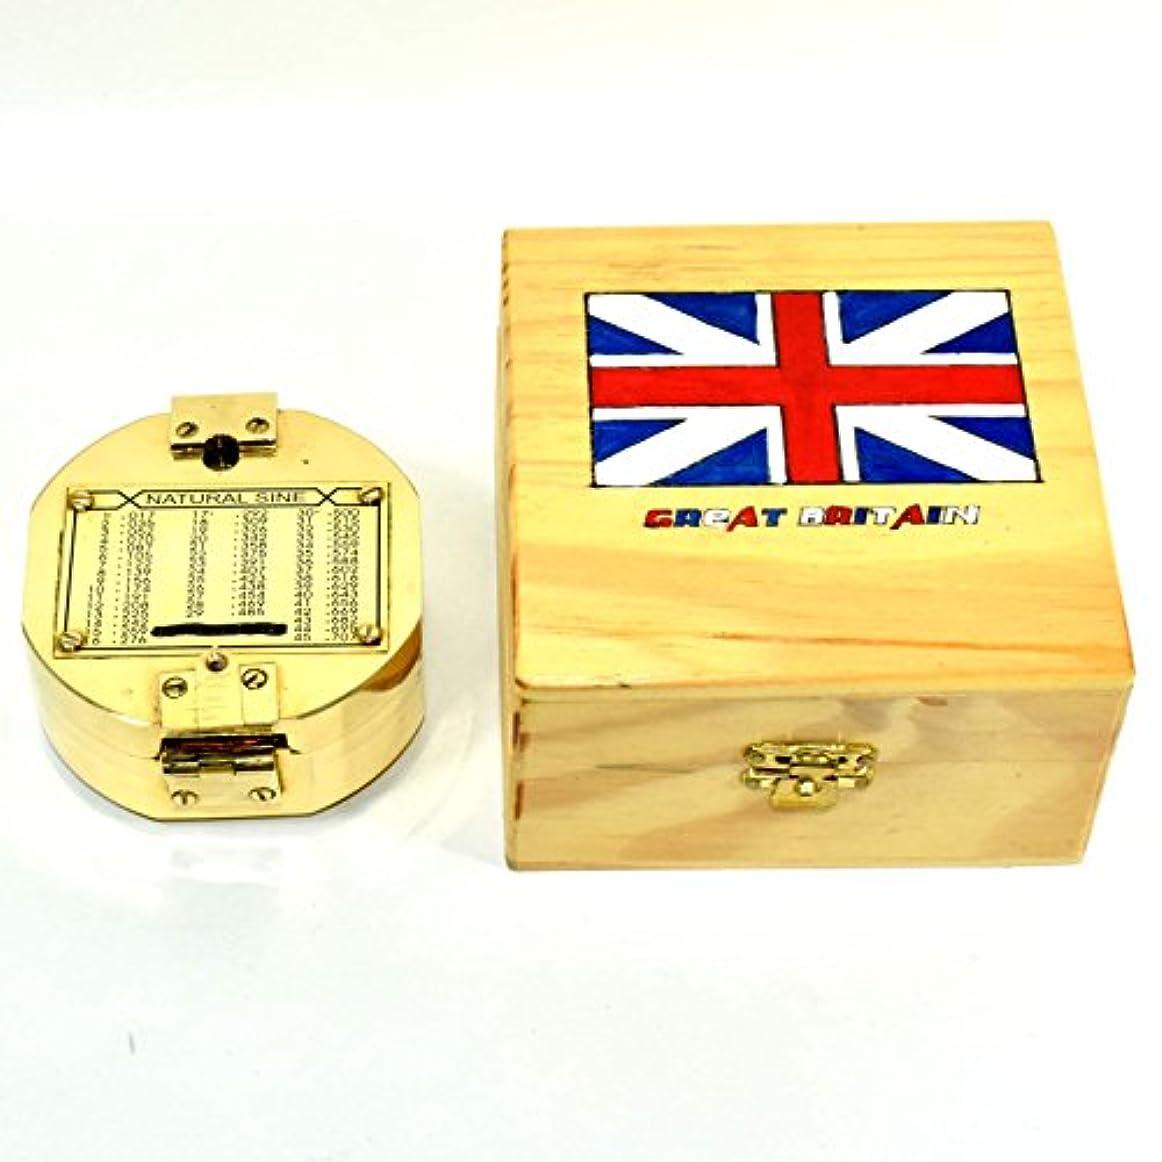 科学的市民心のこもったアンティーク真鍮ヴィンテージNautical Brunton Compassビクトリア朝スタイルコンパスDecor